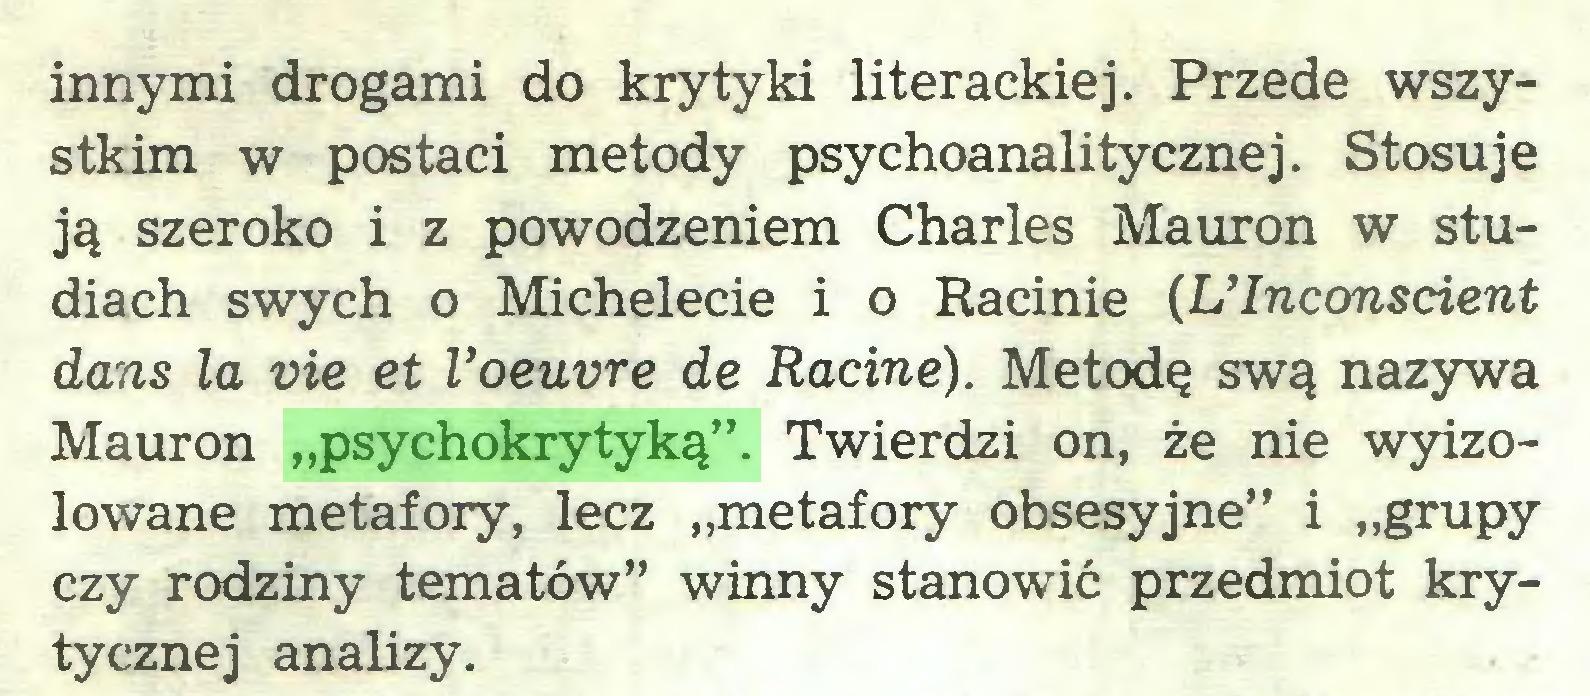 """(...) innymi drogami do krytyki literackiej. Przede wszystkim w postaci metody psychoanalitycznej. Stosuje ją szeroko i z powodzeniem Charles Mauron w studiach swych o Michelecie i o Racinie (UInconsdent dans la vie et Voeuvre de Radne). Metodę swą nazywa Mauron """"psychokrytyką"""". Twierdzi on, że nie wyizolowane metafory, lecz """"metafory obsesyjne"""" i """"grupy czy rodziny tematów"""" winny stanowić przedmiot krytycznej analizy..."""